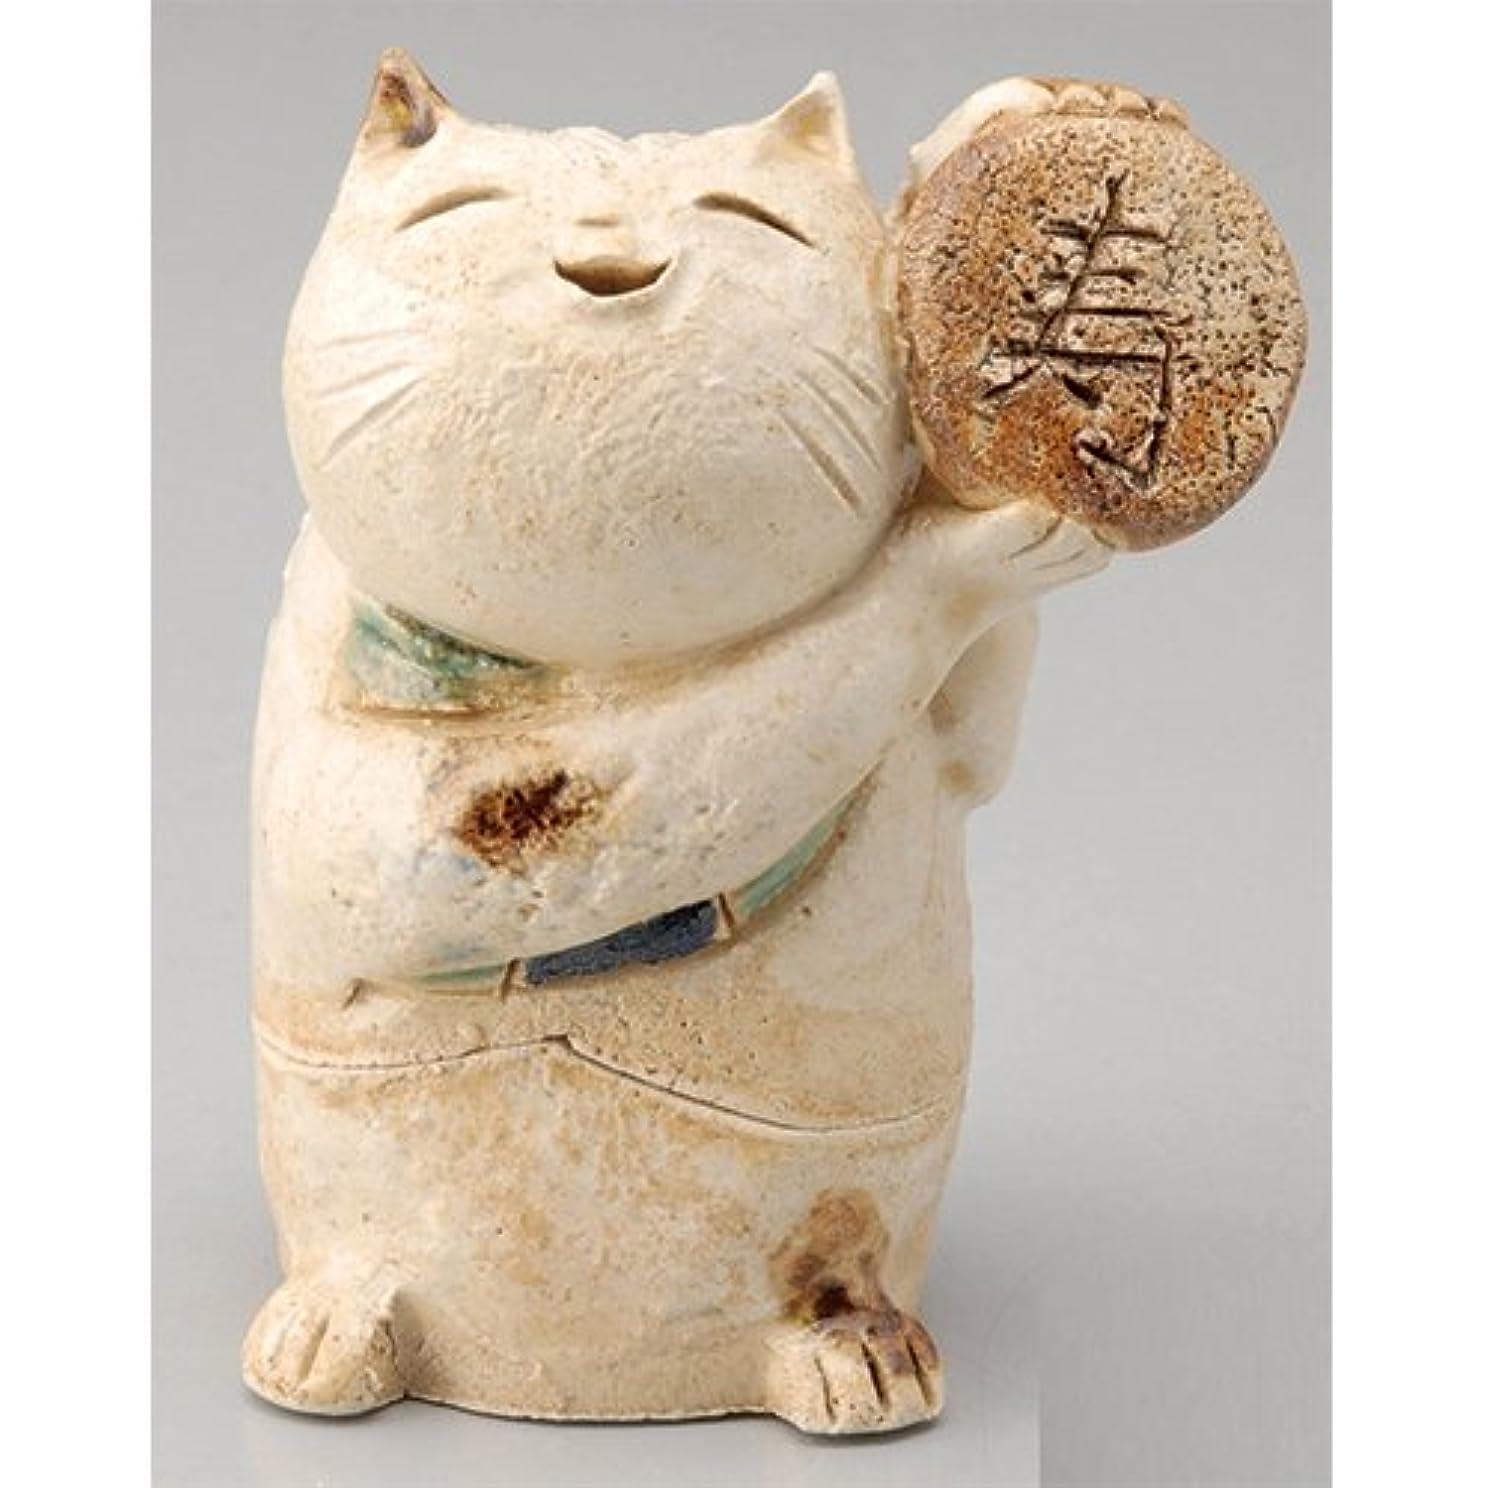 交差点ラインタイマー香炉 ごえん猫 香炉(寿) [H8cm] HANDMADE プレゼント ギフト 和食器 かわいい インテリア